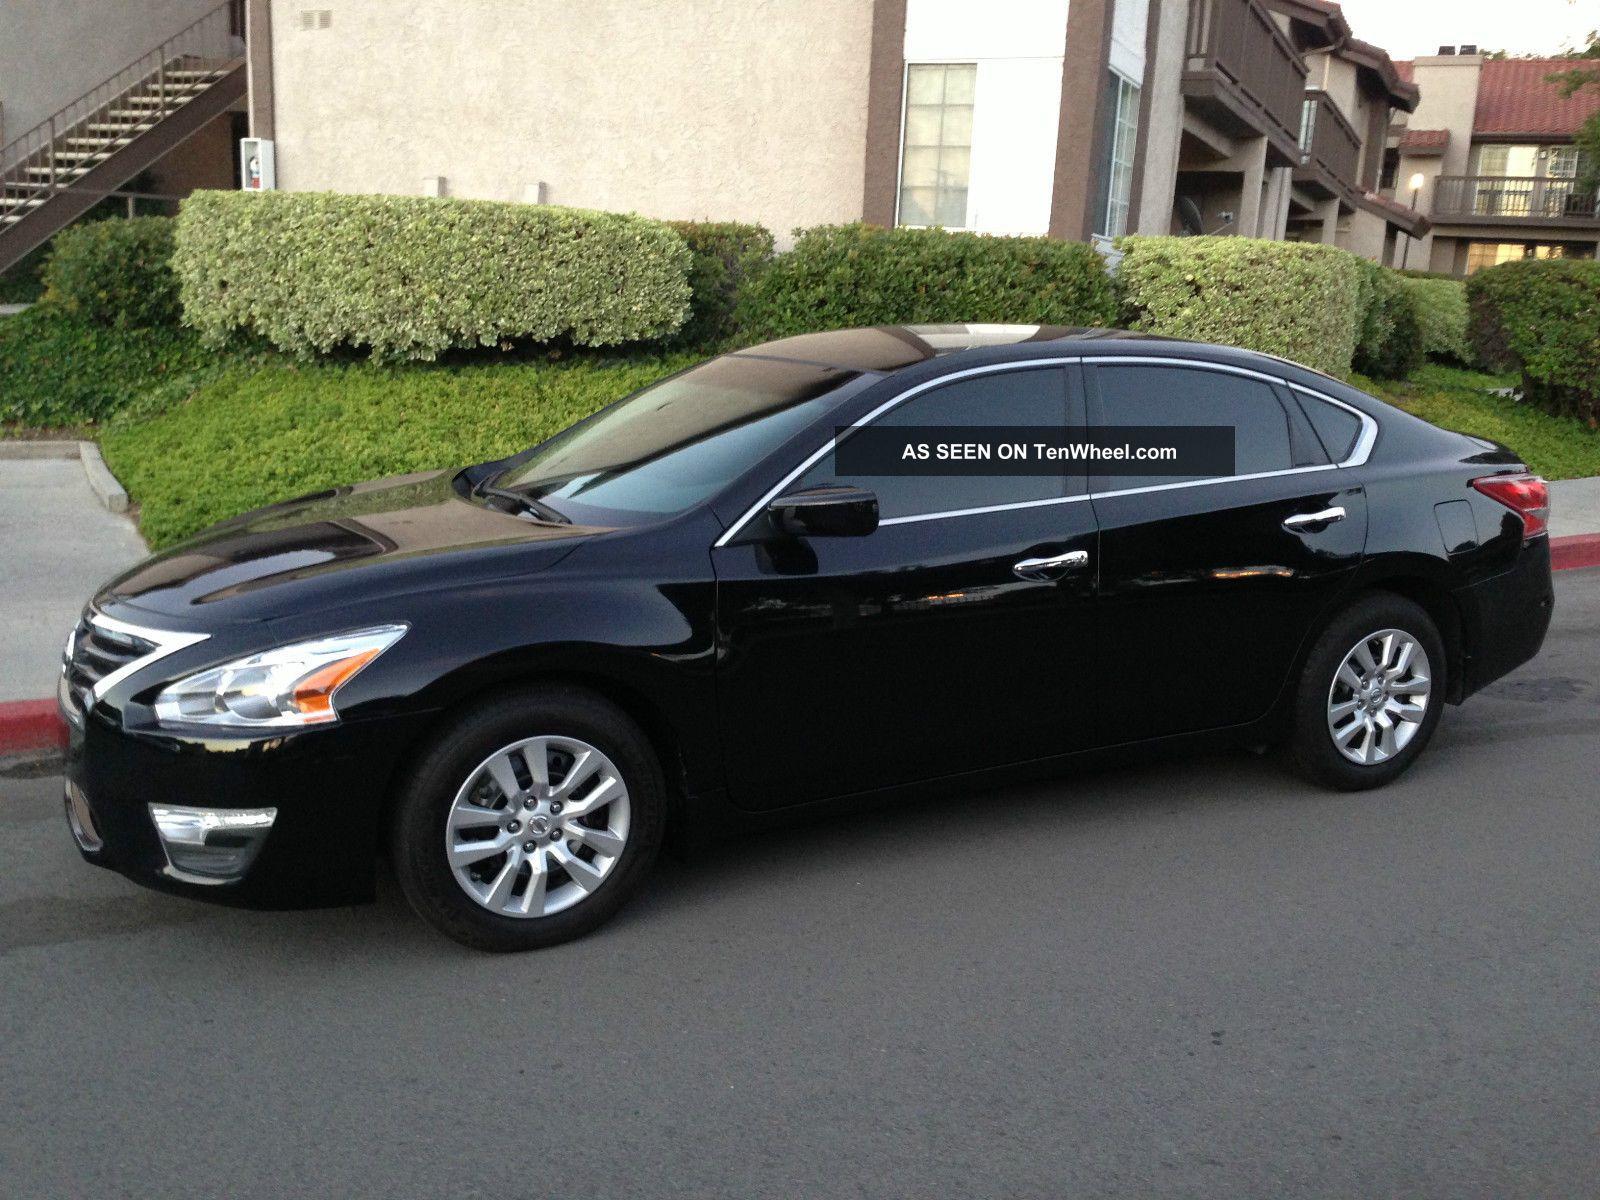 2013 Hyundai Sonata Limited Black